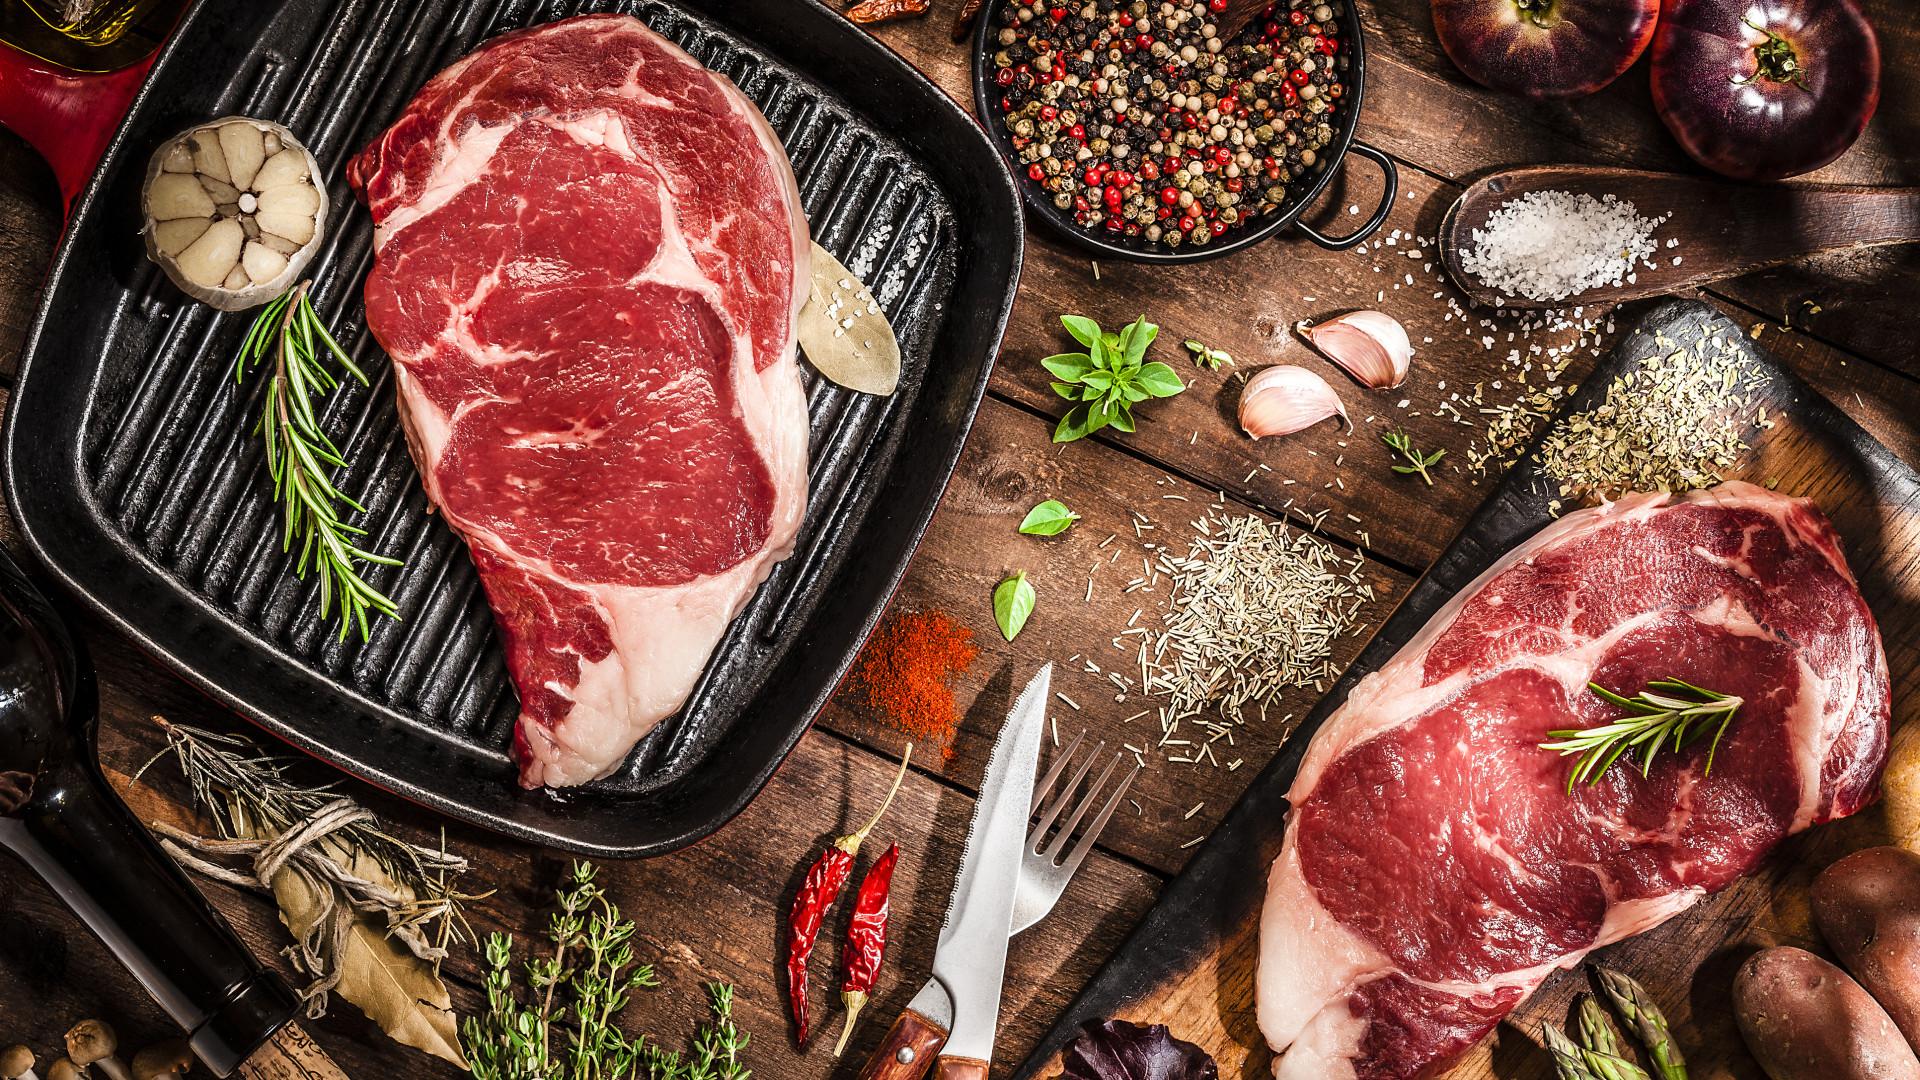 A proteína em excesso pode estar a prejudicar o seu coração